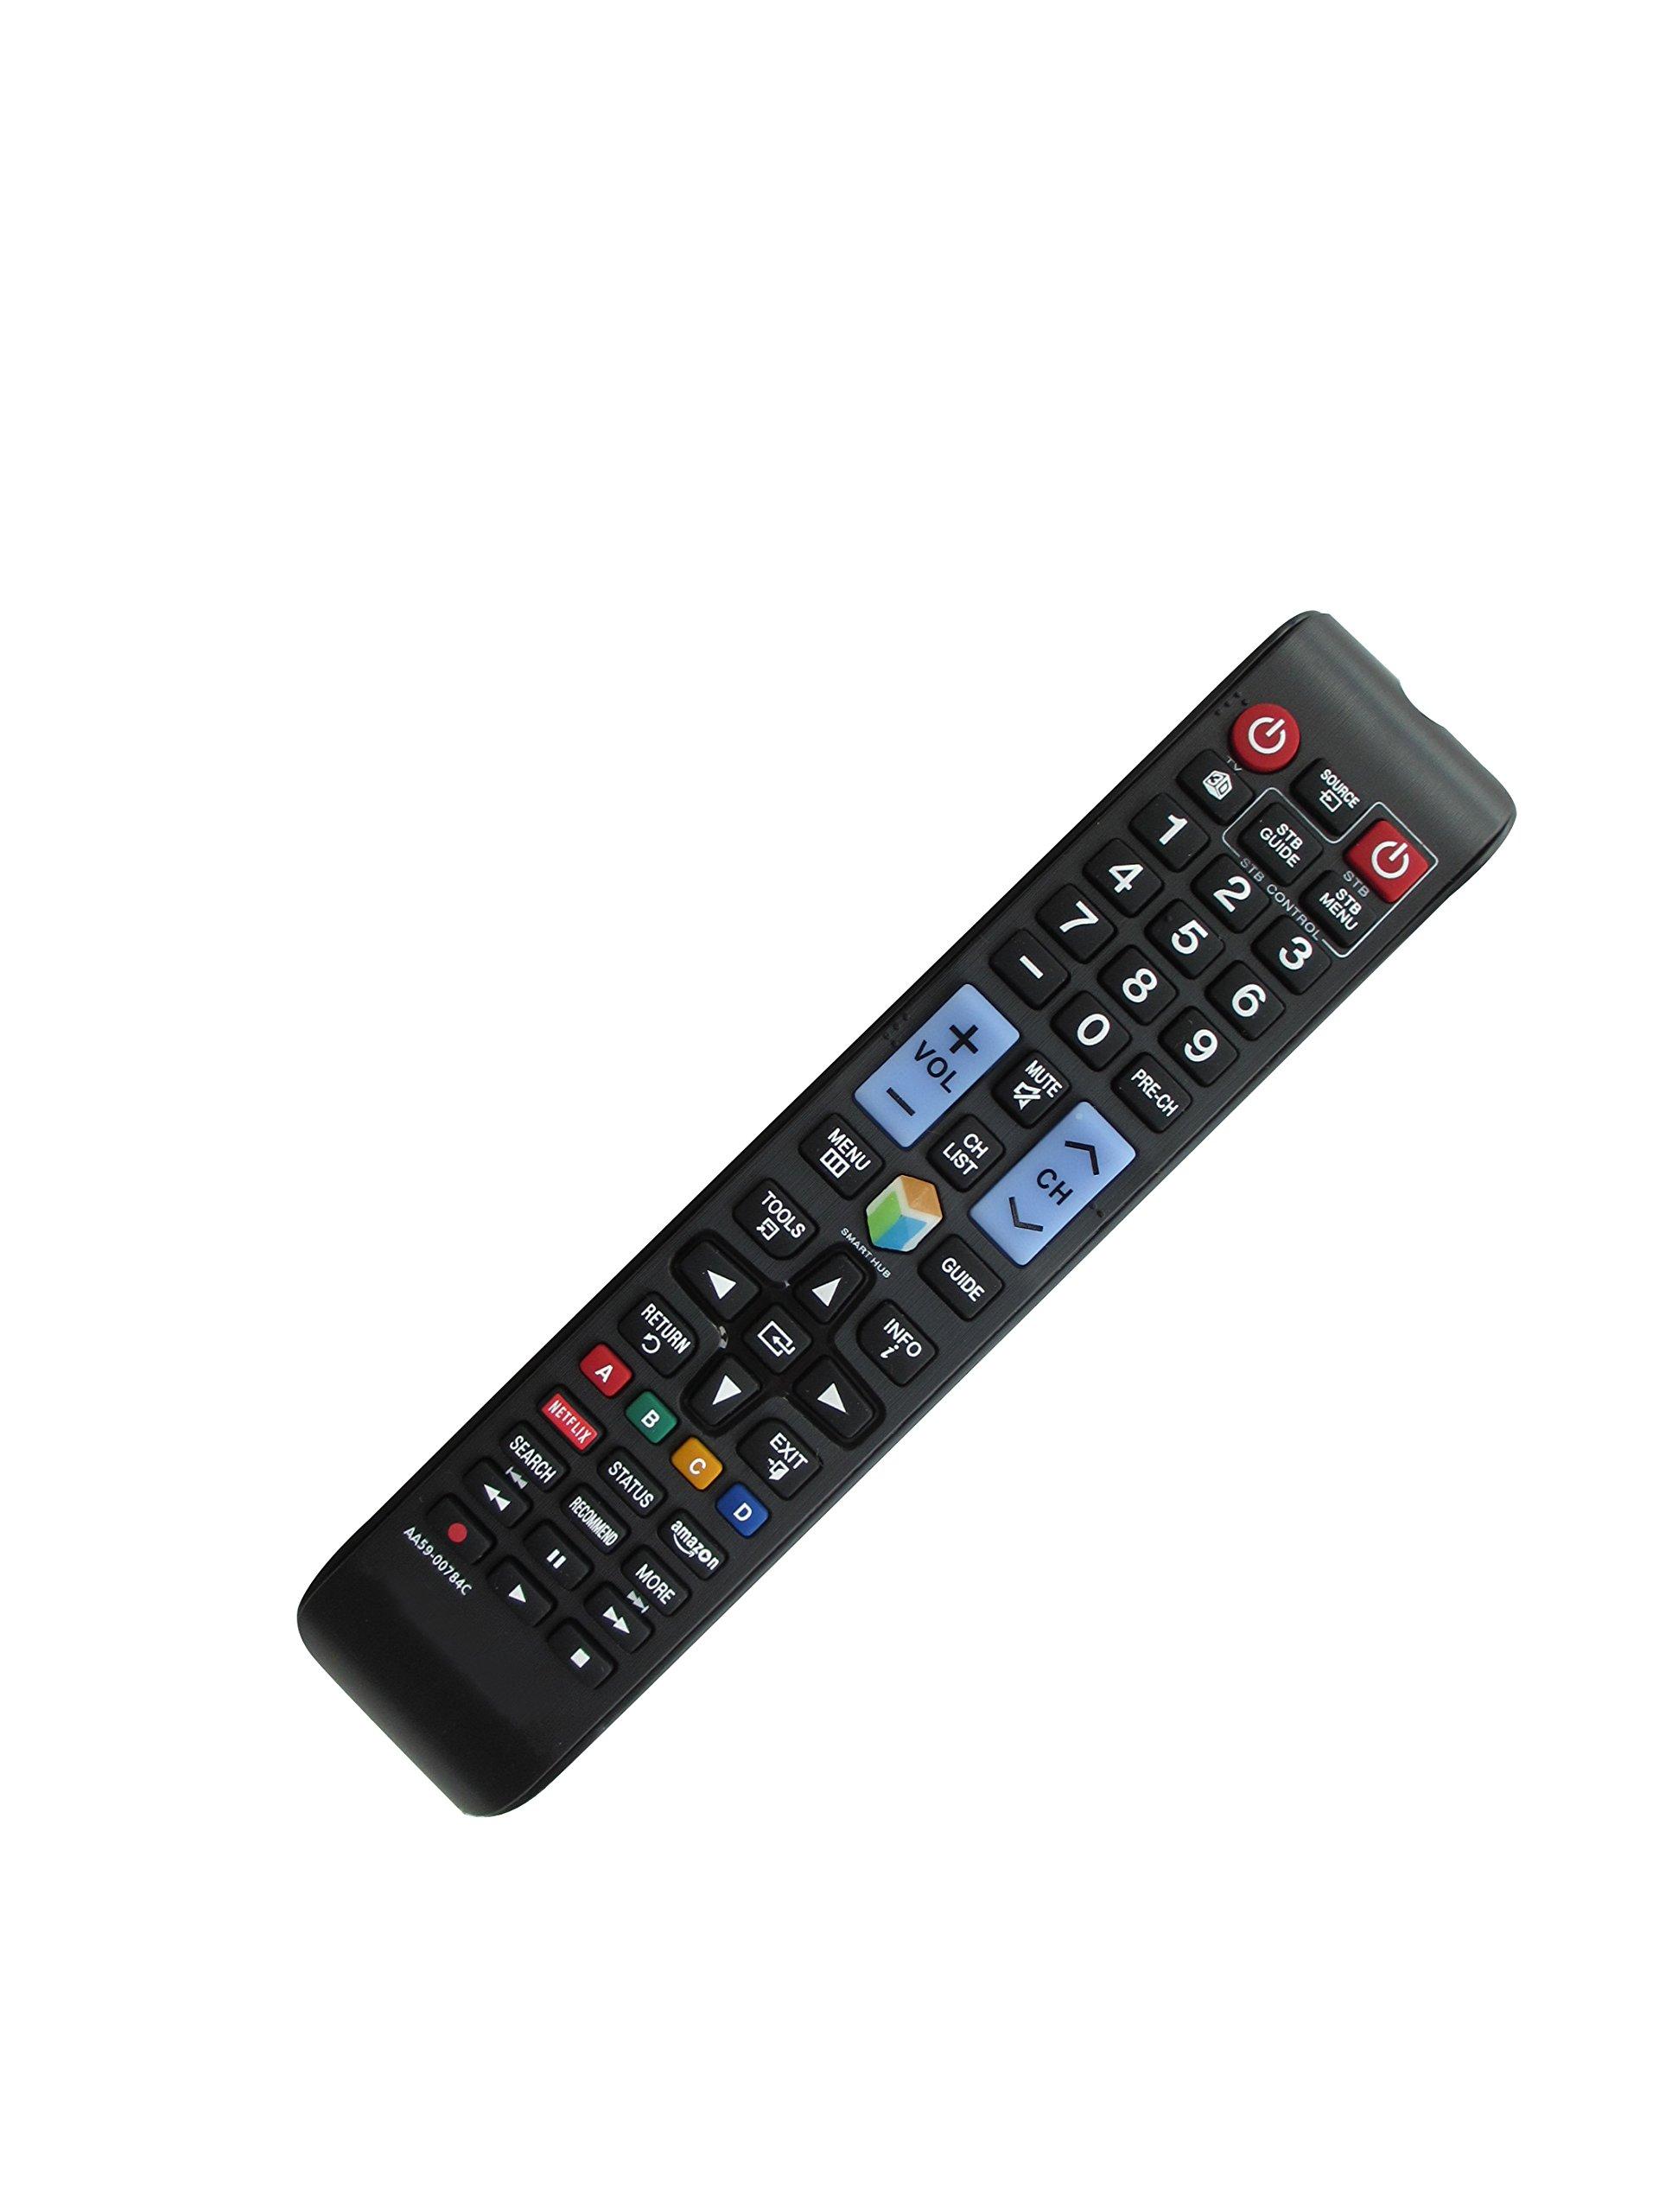 General Remote Control For Samsung UN55F6350AF UN60F6350AF UN65H7150 UN60H7150 UN55H7150 UN46H7150 Smart 3D LED HDTV TV